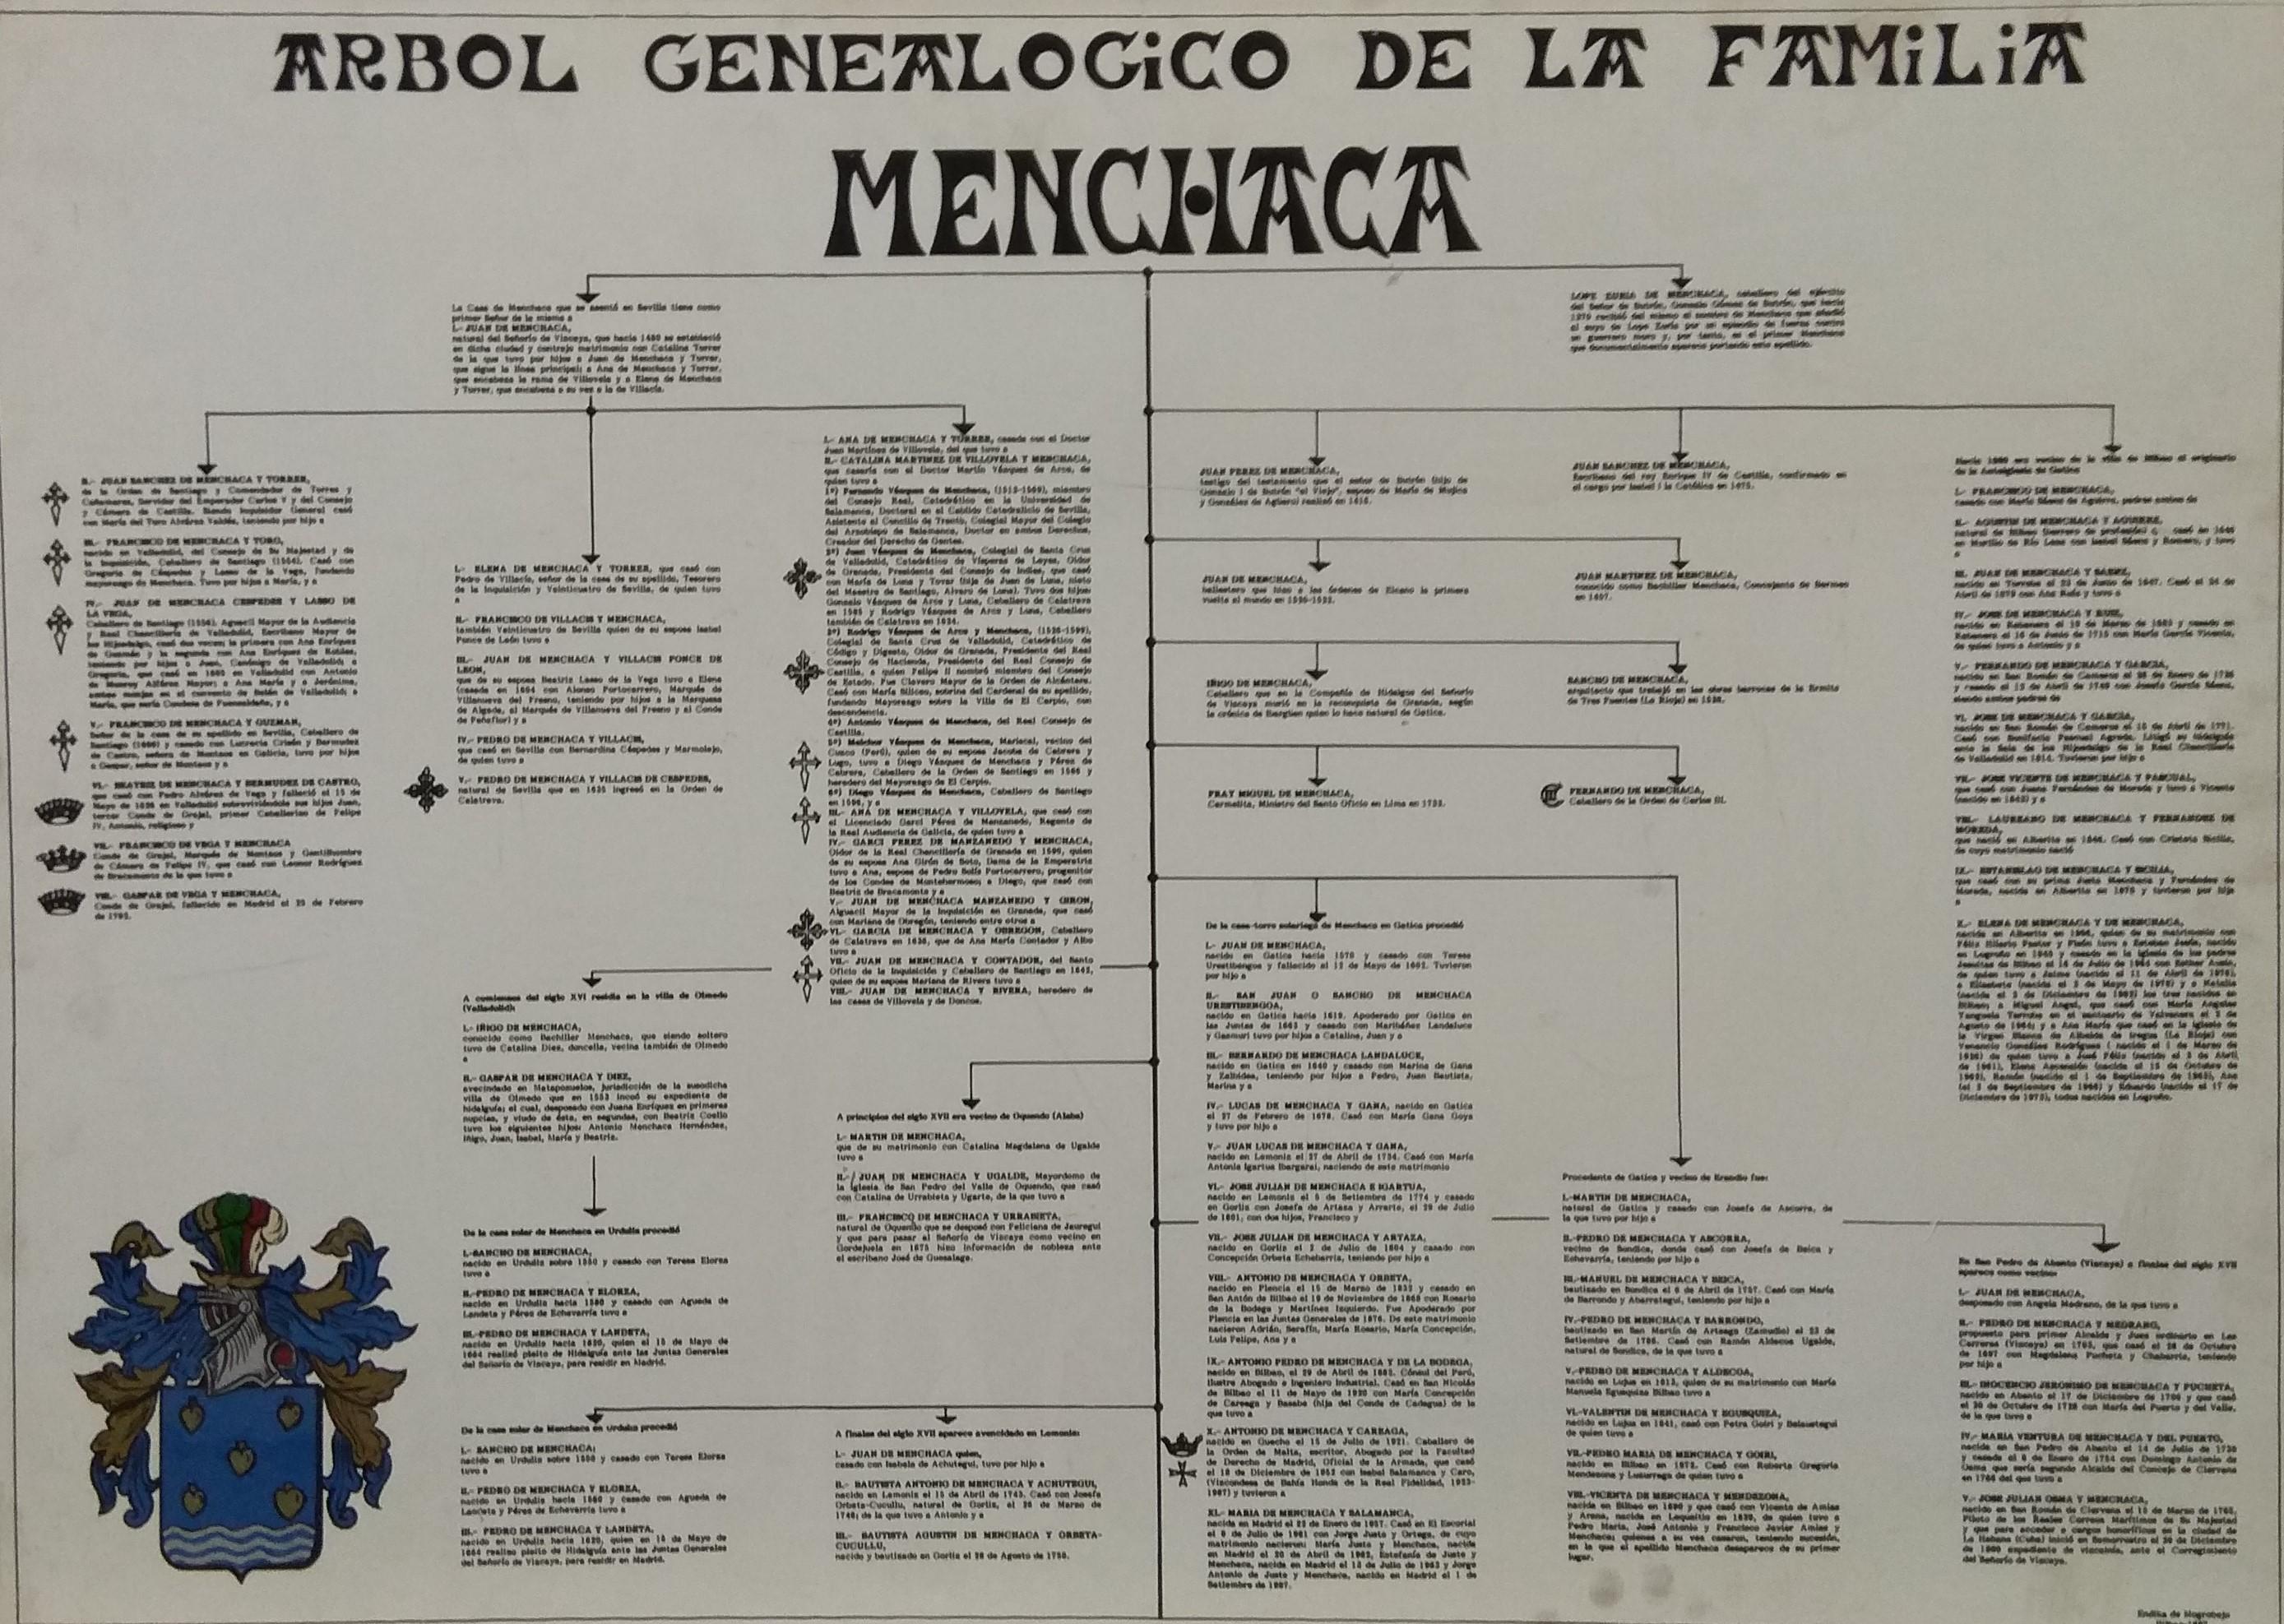 Árbol genealógico de la familia Menchaca